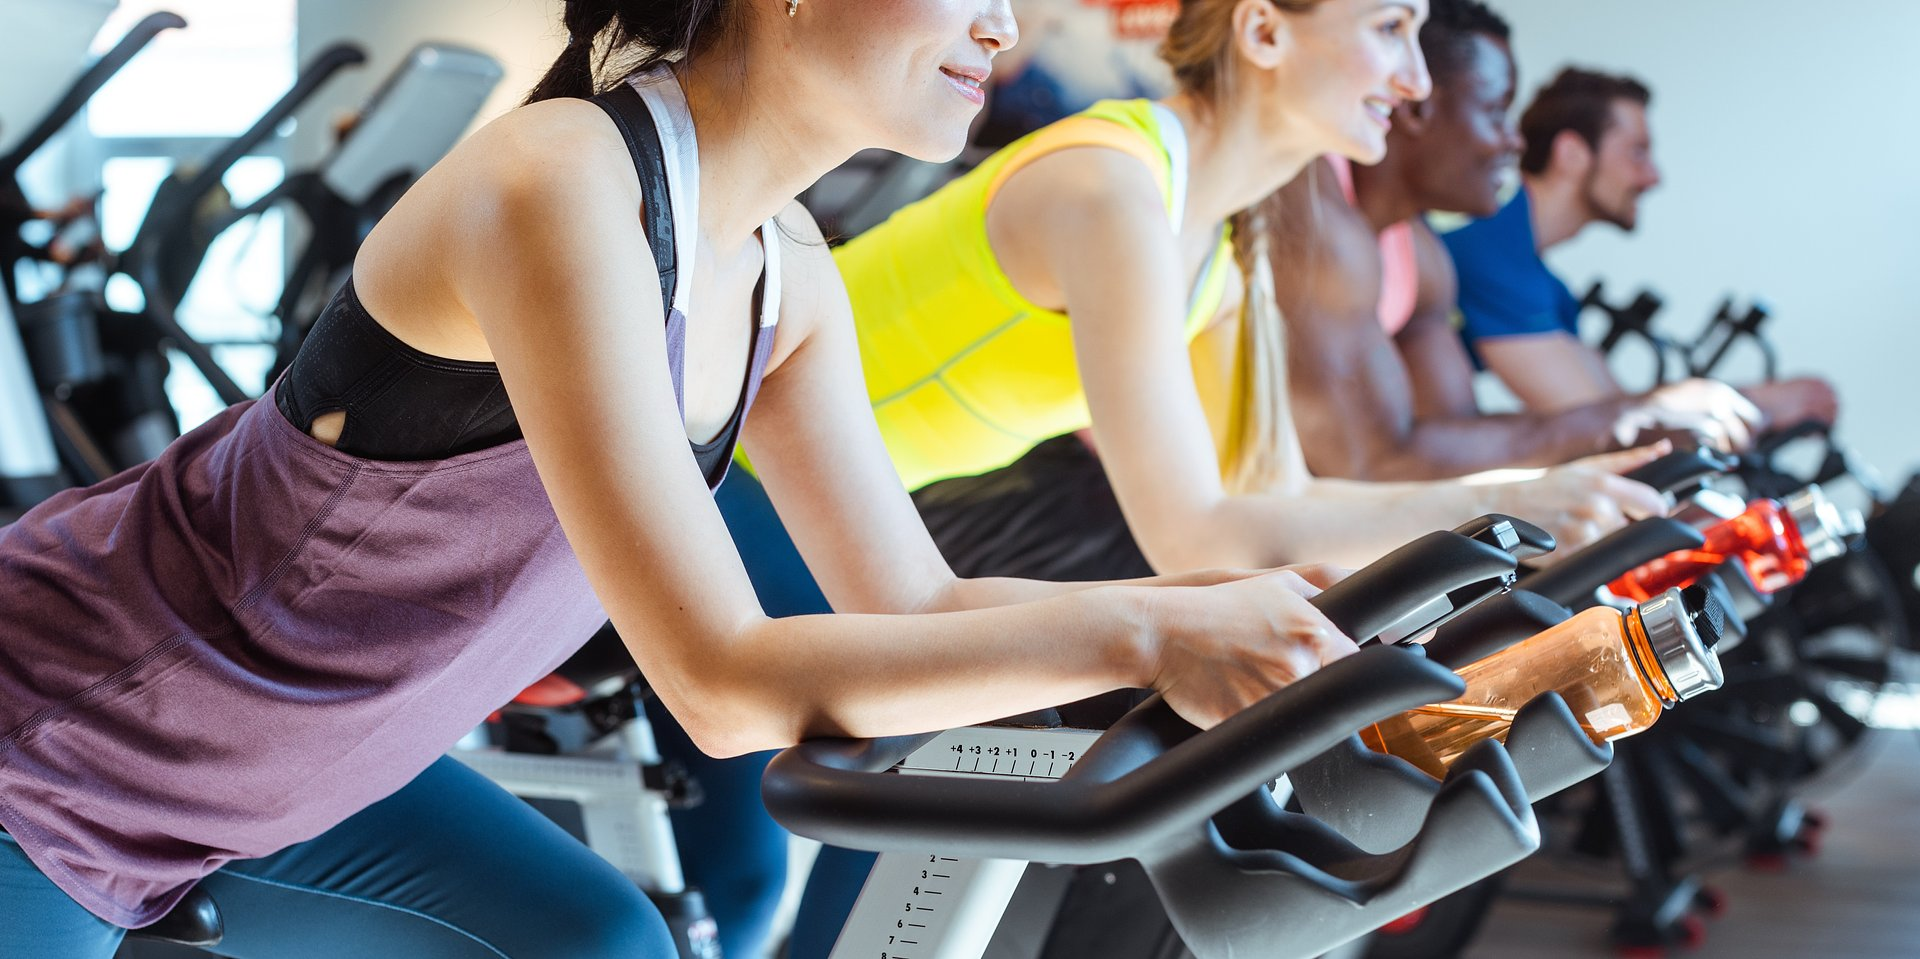 Siłownie i kluby fitness – zalecenia i wytyczne sanitarne